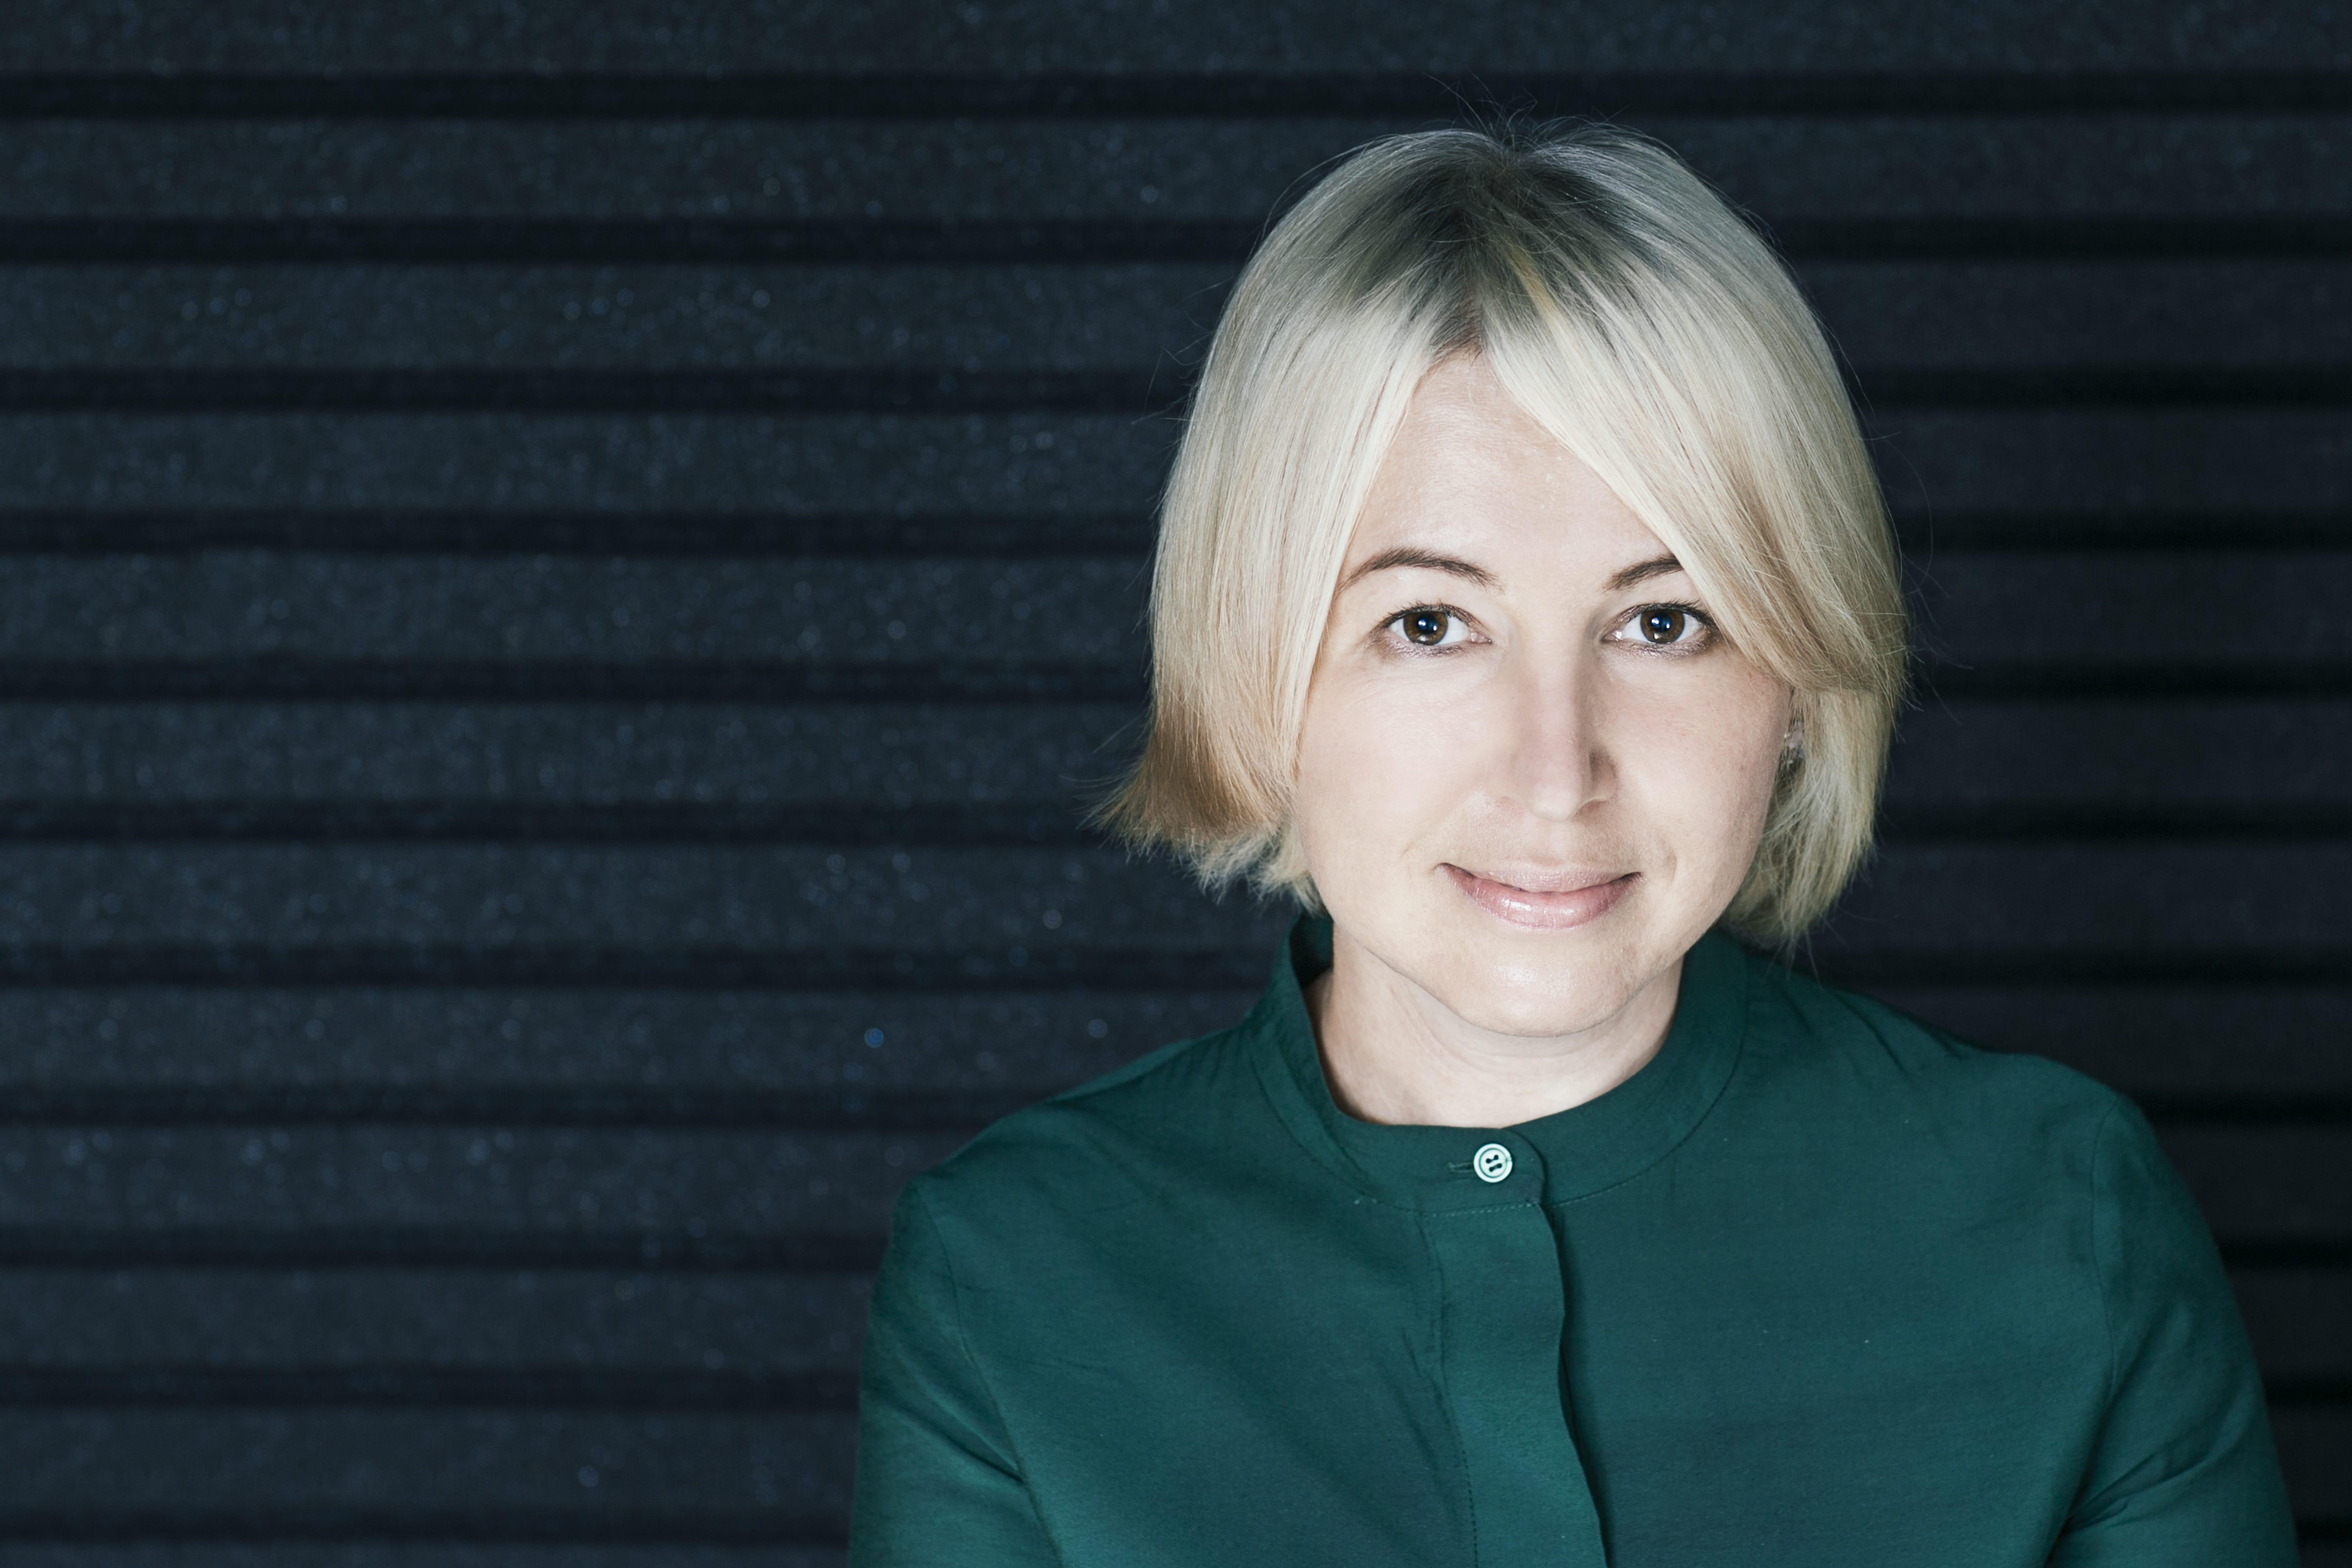 Natalia Zhuravlova